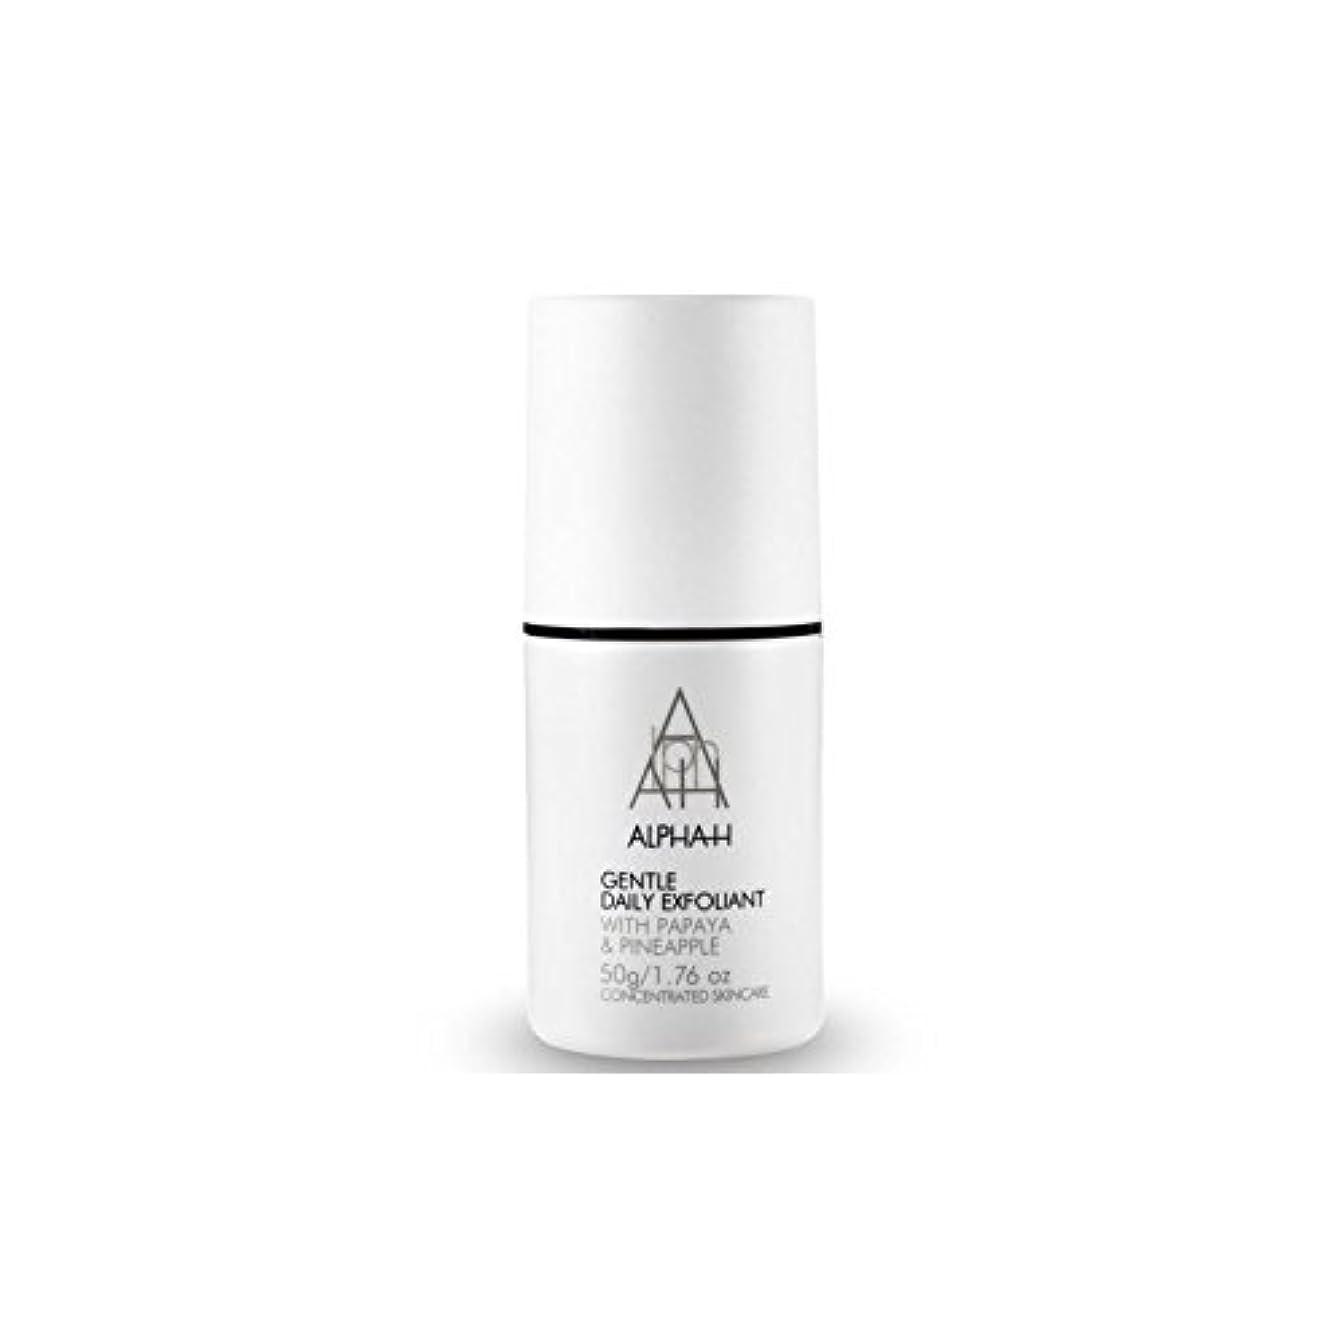 慢性的おもしろいブルジョンアルファ - 時間穏やか毎日の角質(50グラム) x2 - Alpha-H Gentle Daily Exfoliant (50G) (Pack of 2) [並行輸入品]